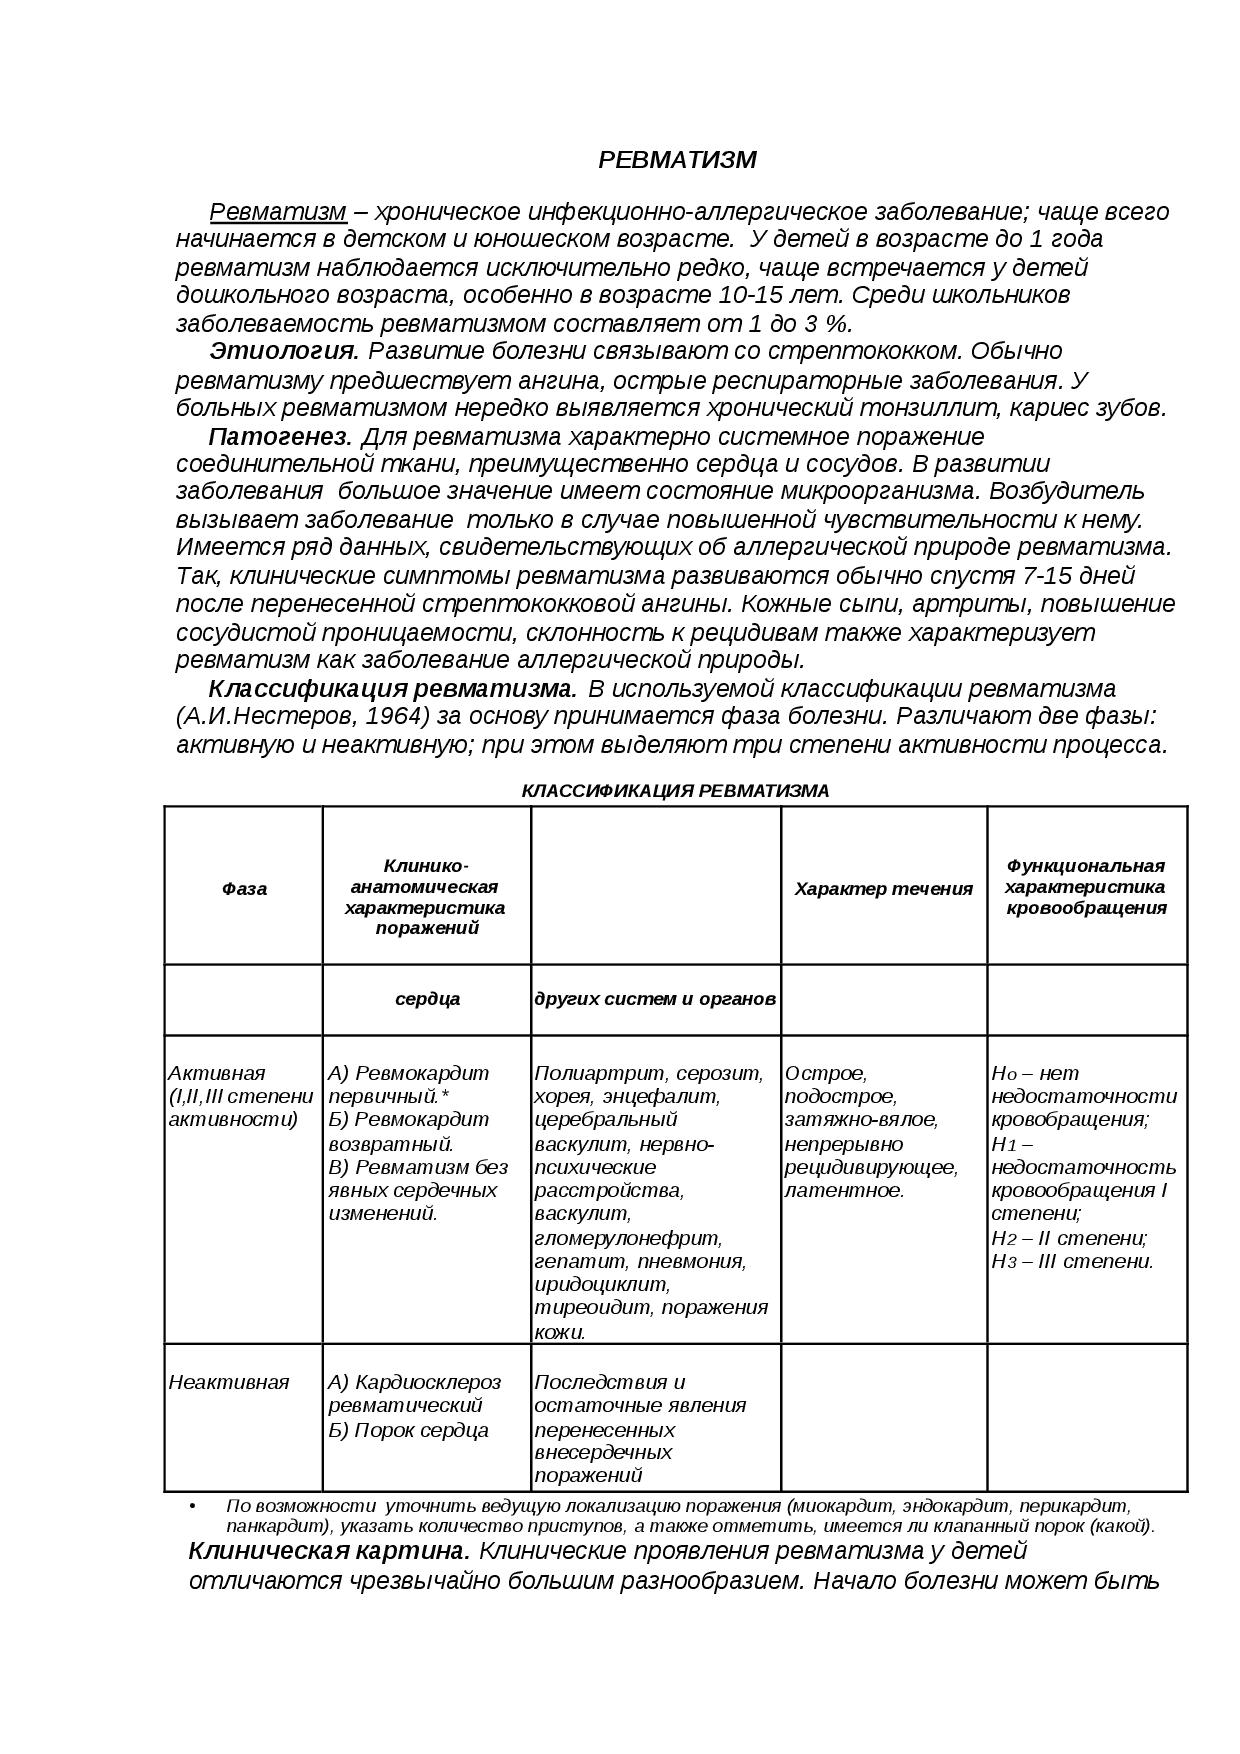 Ревматизм — википедия. что такое ревматизм